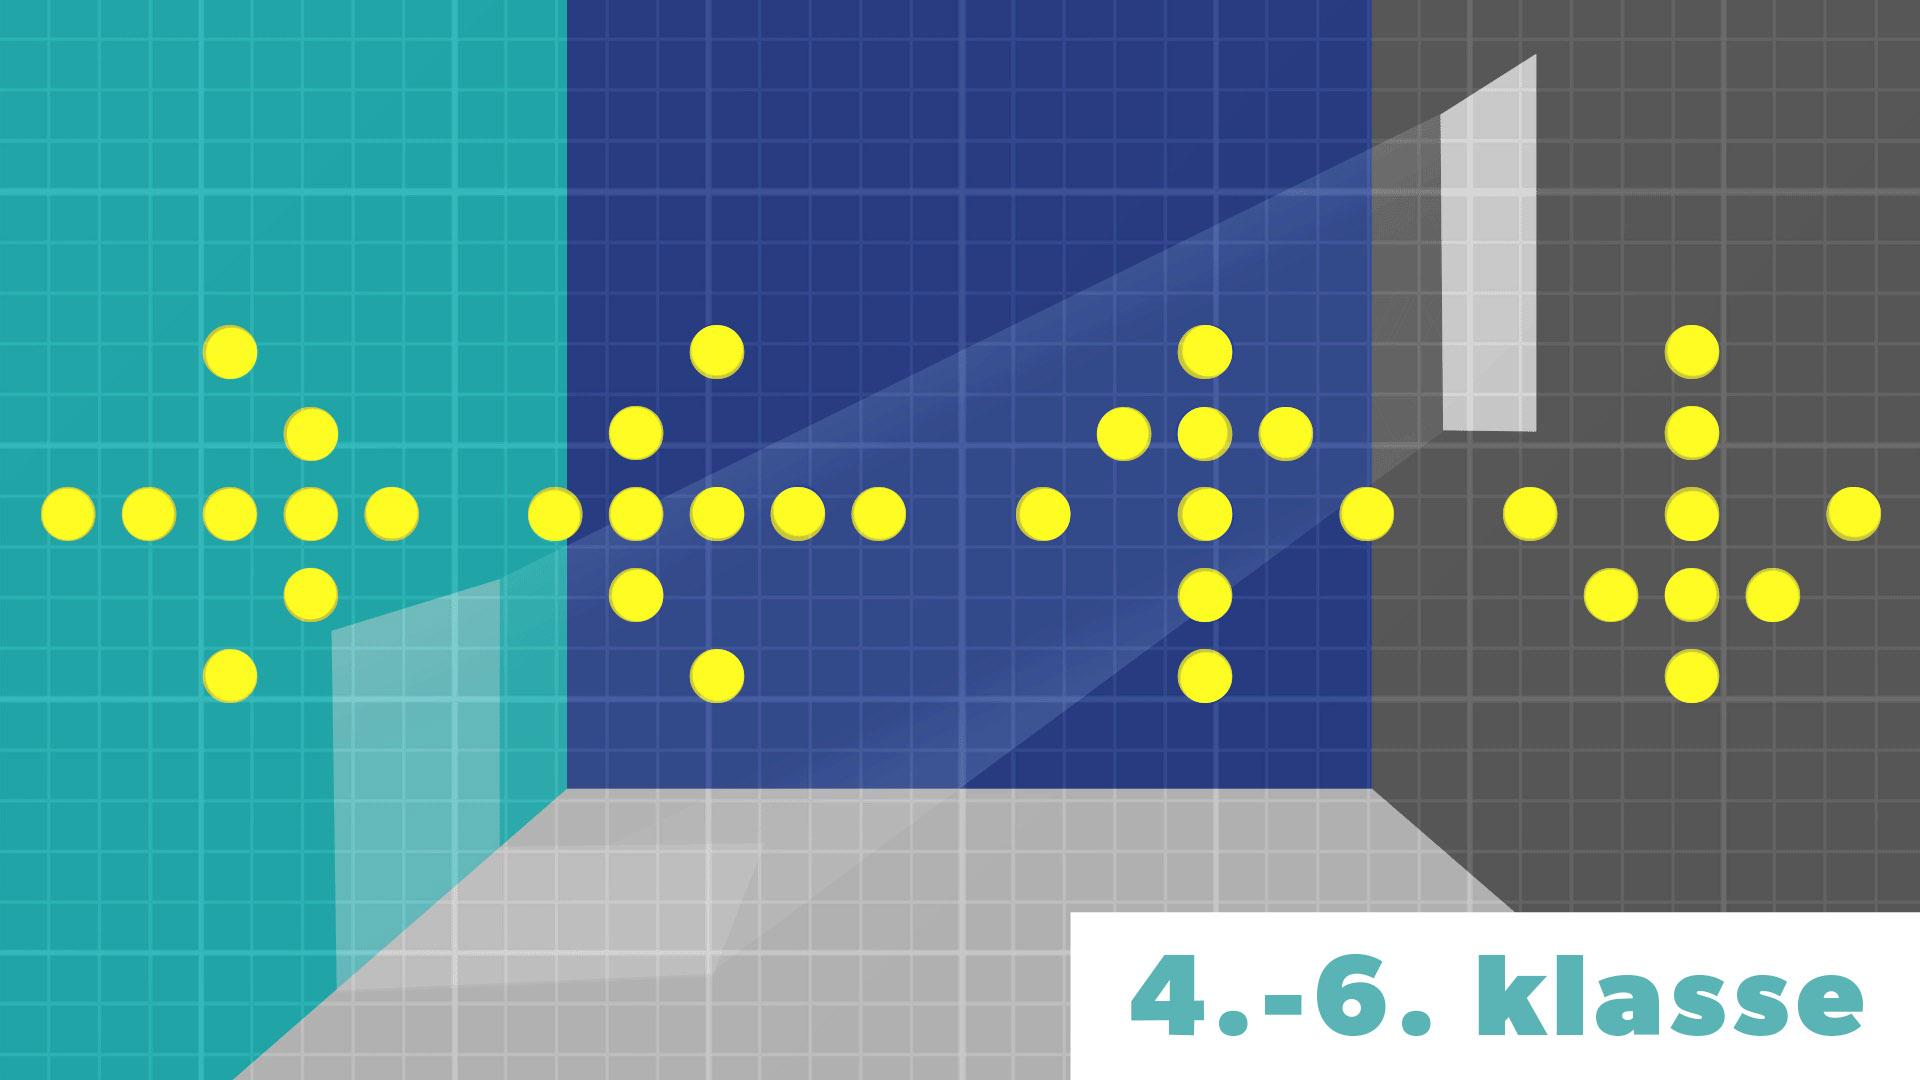 lysogteknologi_trin_spot_0.jpg